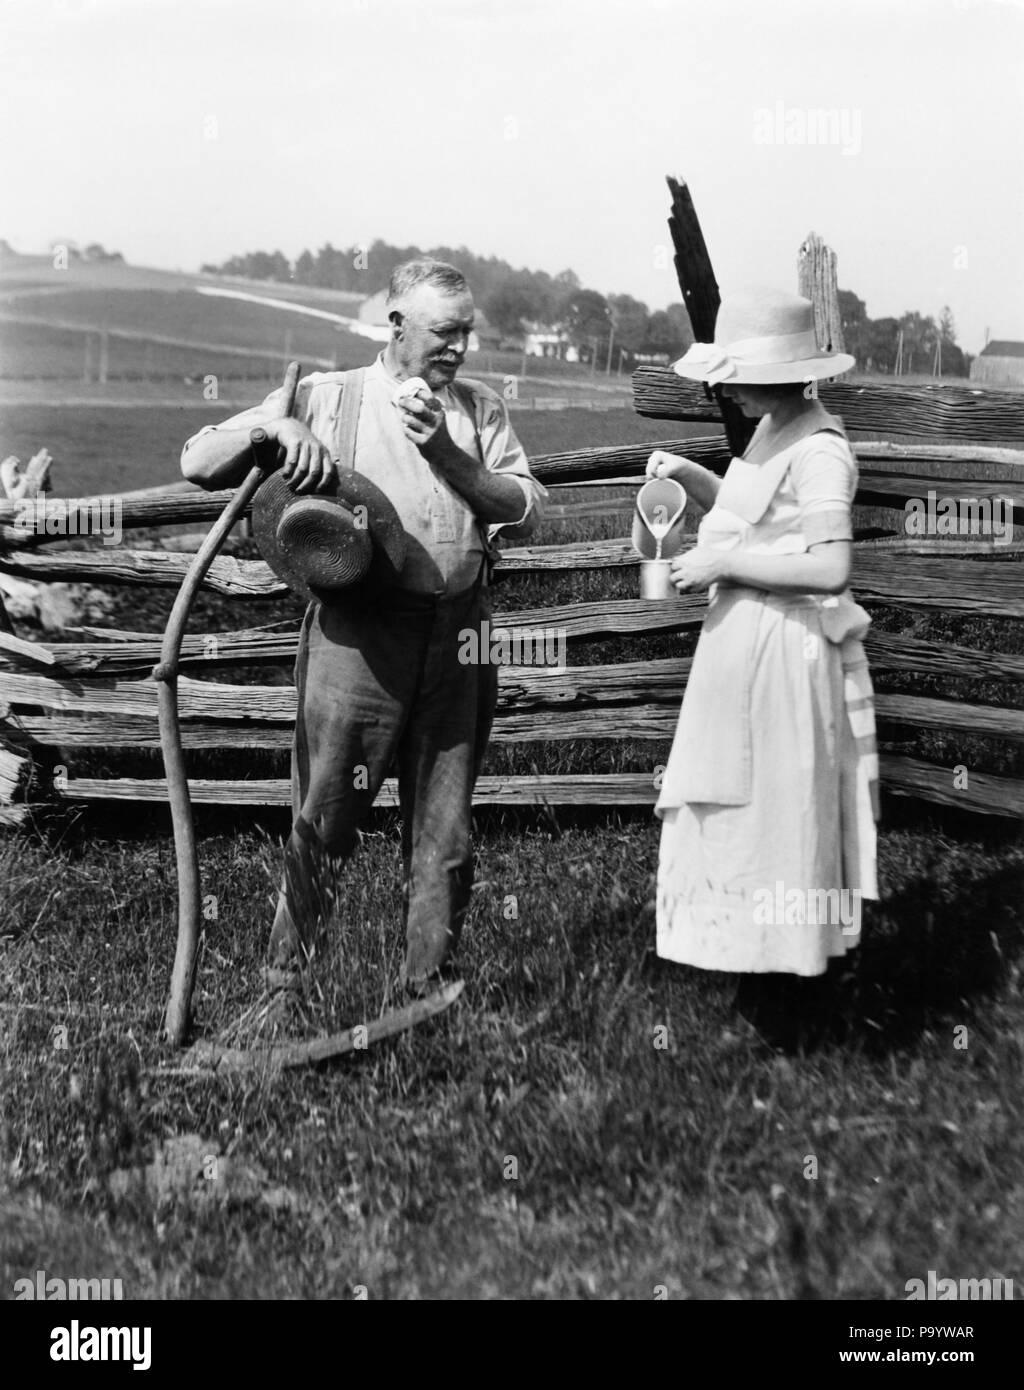 1890 1900 1910s mujer sombrero de paja delantal vertiendo LECHE DE VIDRIO AGUA PARA EL AGRICULTOR sudoración permanente por valla apoyándose sobre la guadaña HAR6374 - S001 HARS Herramienta Estilo antiguo mujeres casadas CALOR RURAL CÓNYUGE MARIDOS SALUBRIDAD HOME VIDA AMISTAD ESPACIO COPIA DE LONGITUD COMPLETA SEÑORAS SECO AGRICULTURA CUIDADORES VARONES SUDOR ALTOS HOMBRE SUDANDO LA AGRICULTURA B&W VERANO cántaro vuelta DEL SIGLO XX LOS AGRICULTORES SCYTHE sombrero de paja ALIMENTO REFRESH CORTESÍA DE APOYO A MEDIADOS DE MUJER ADULTA transpiración sed sed alivio refrescante convivencia esposas valla de madera EN BLANCO Y NEGRO la etnia CAUCÁSICA HAR001 Imagen De Stock